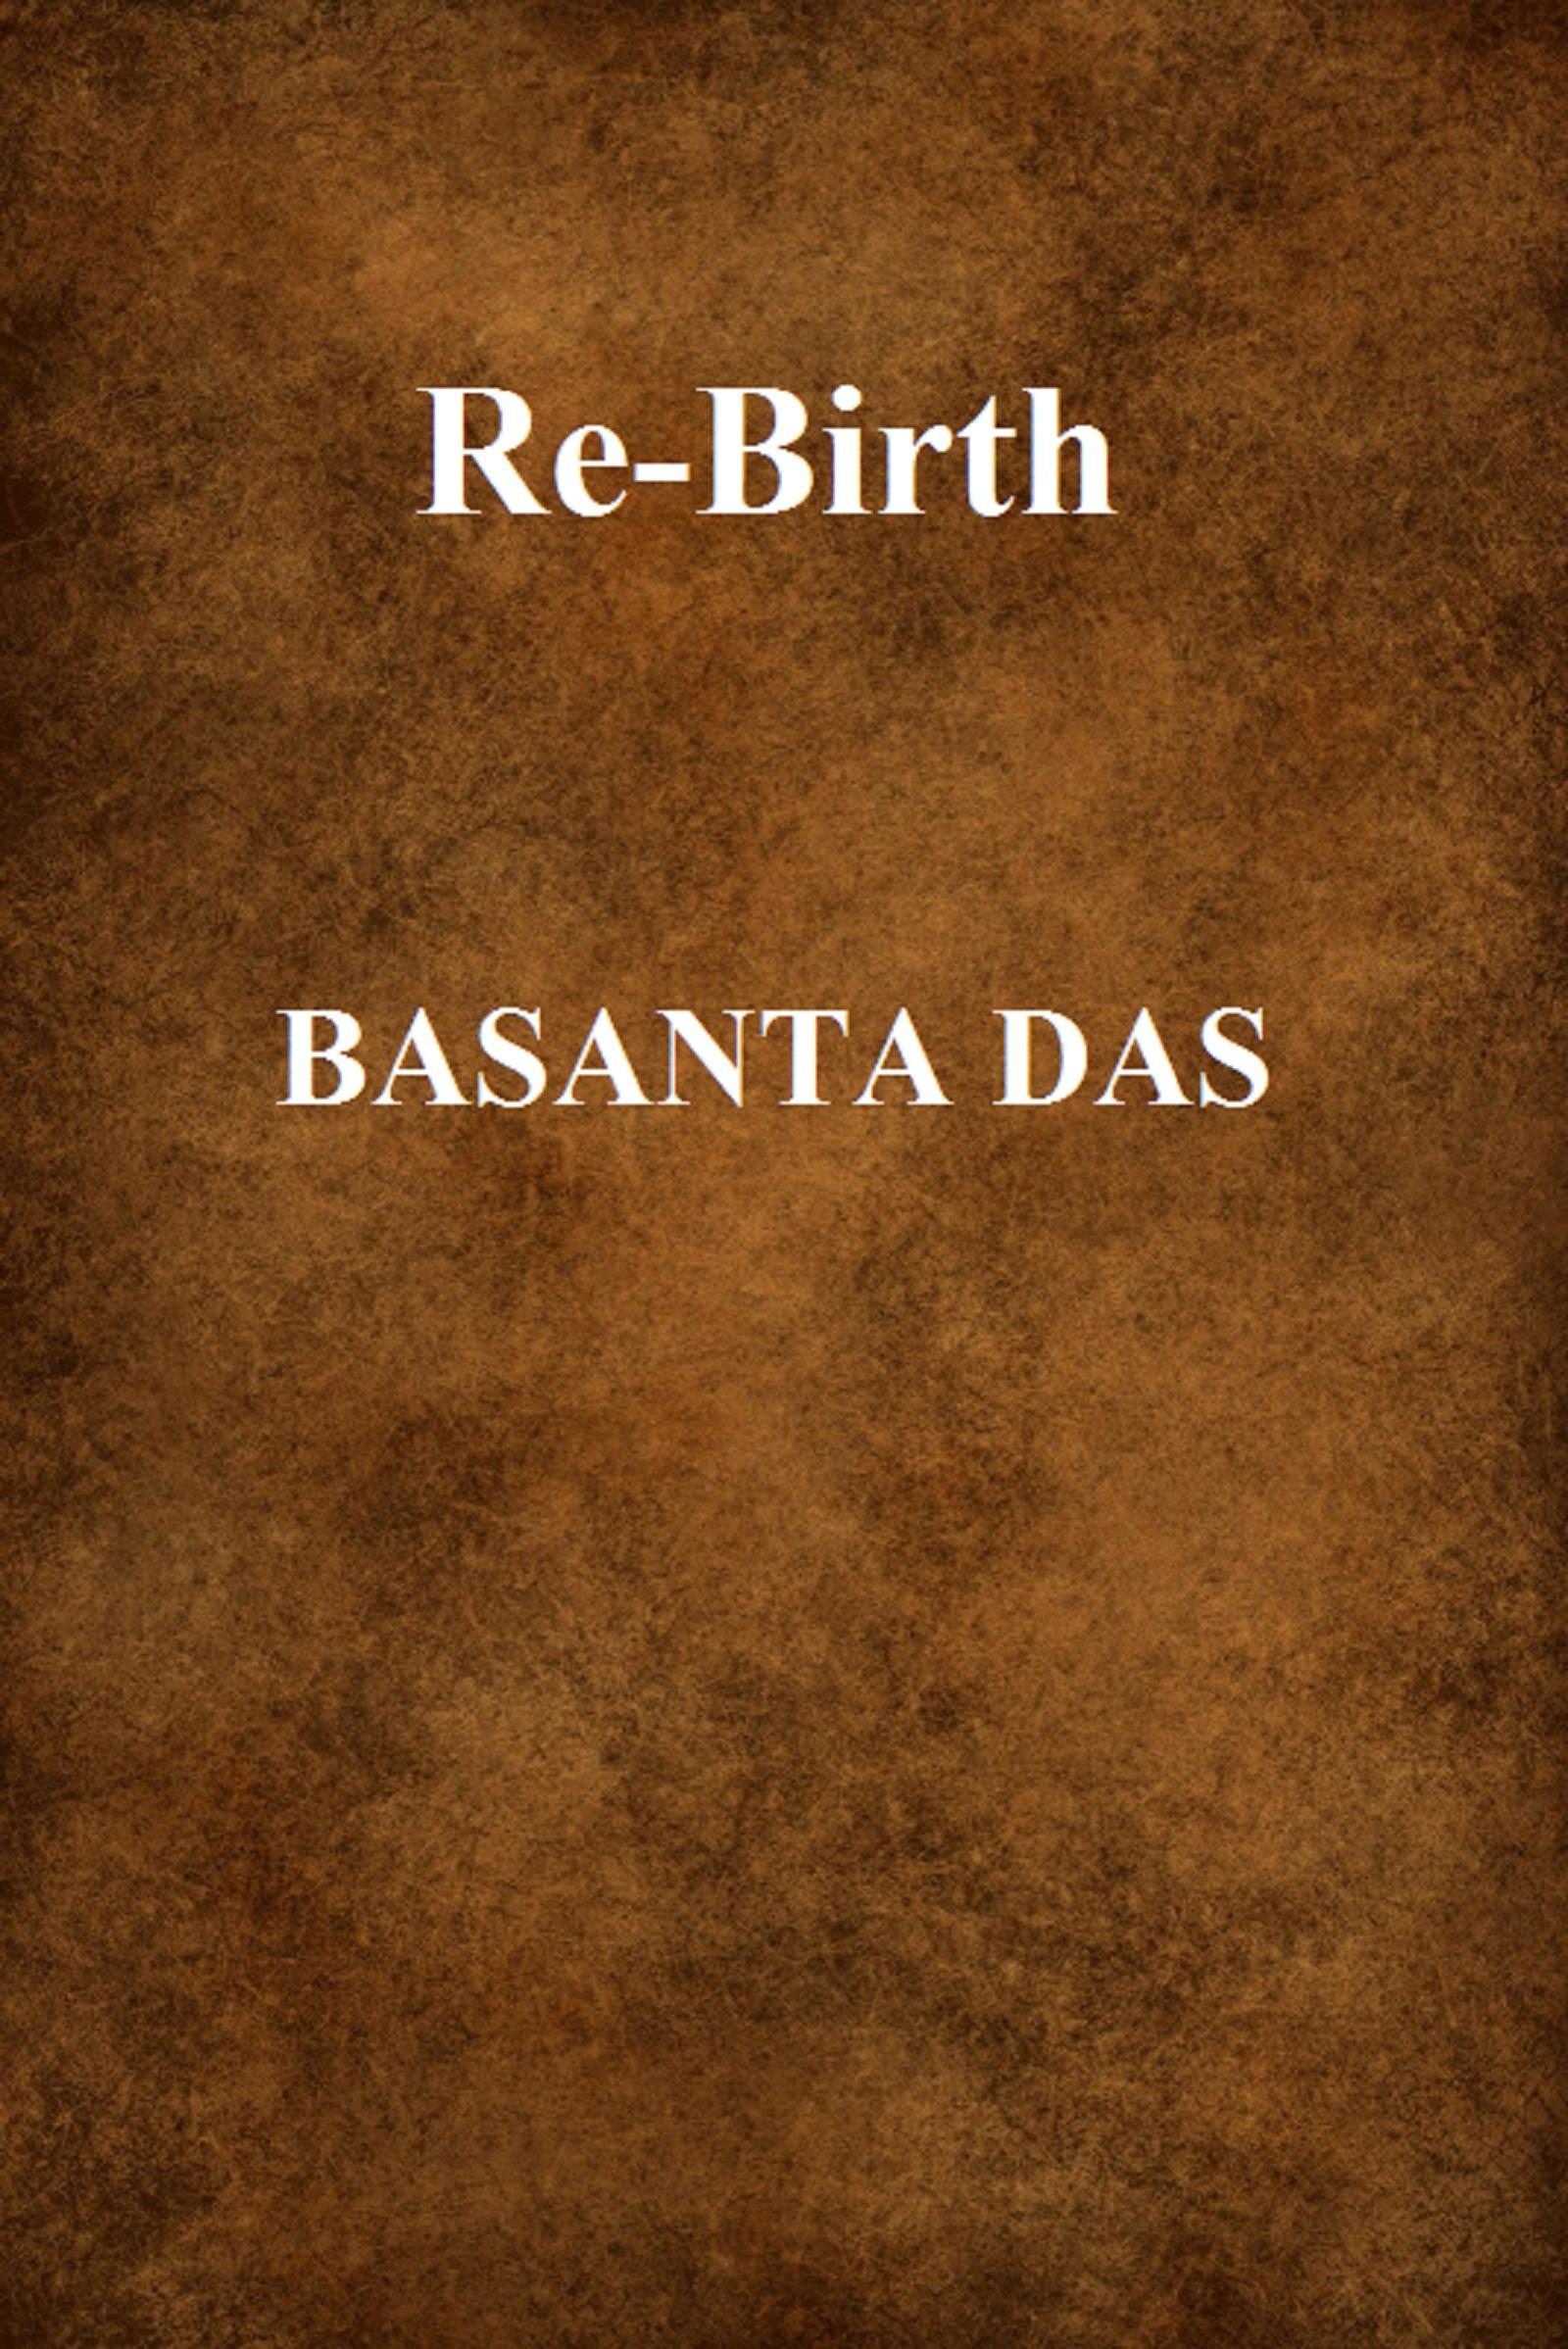 Re-Birth Basanta Das